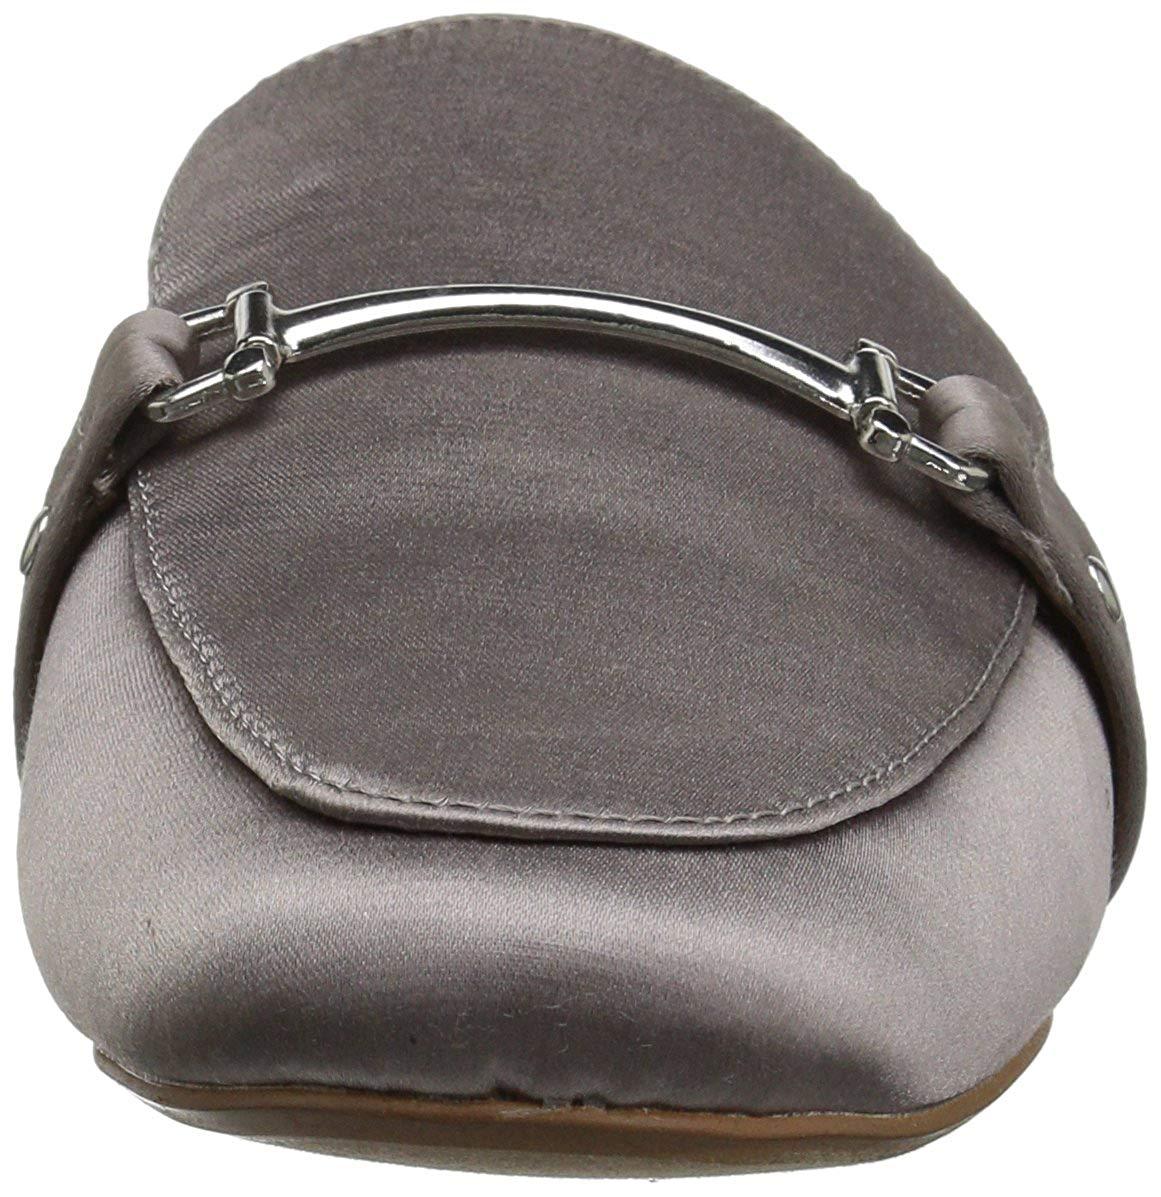 d98b73cf861 Franco Sarto Womens L-dalton3 Fabric Closed Toe Casual